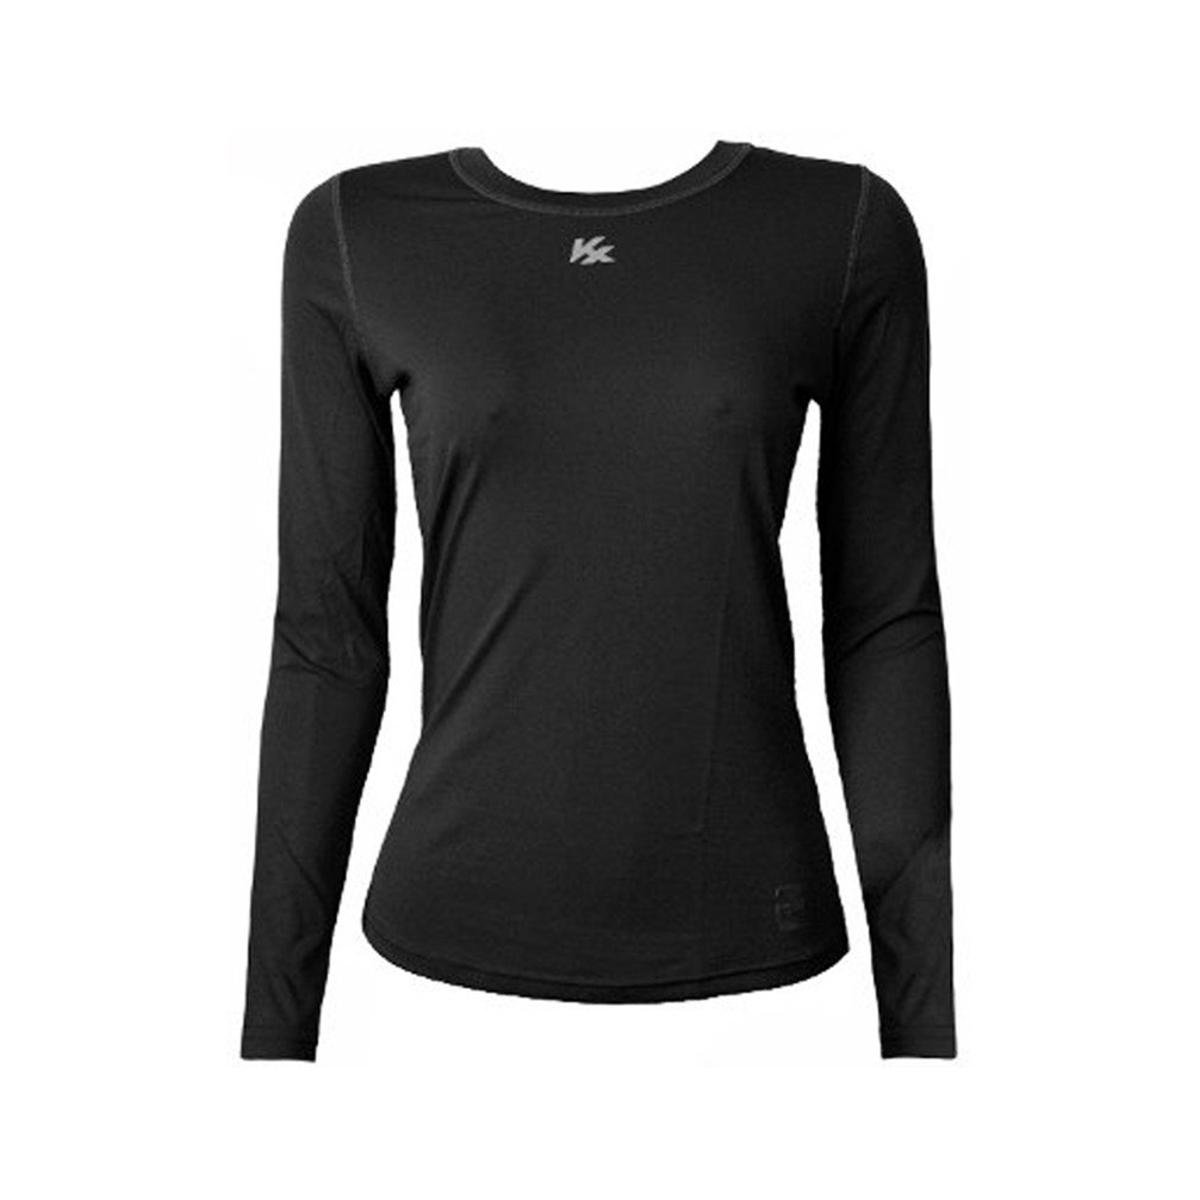 Solar Camisa 6277 Térmica Feminina UV50 Infantil Proteção Fator Preto Kanxa ppYxAw